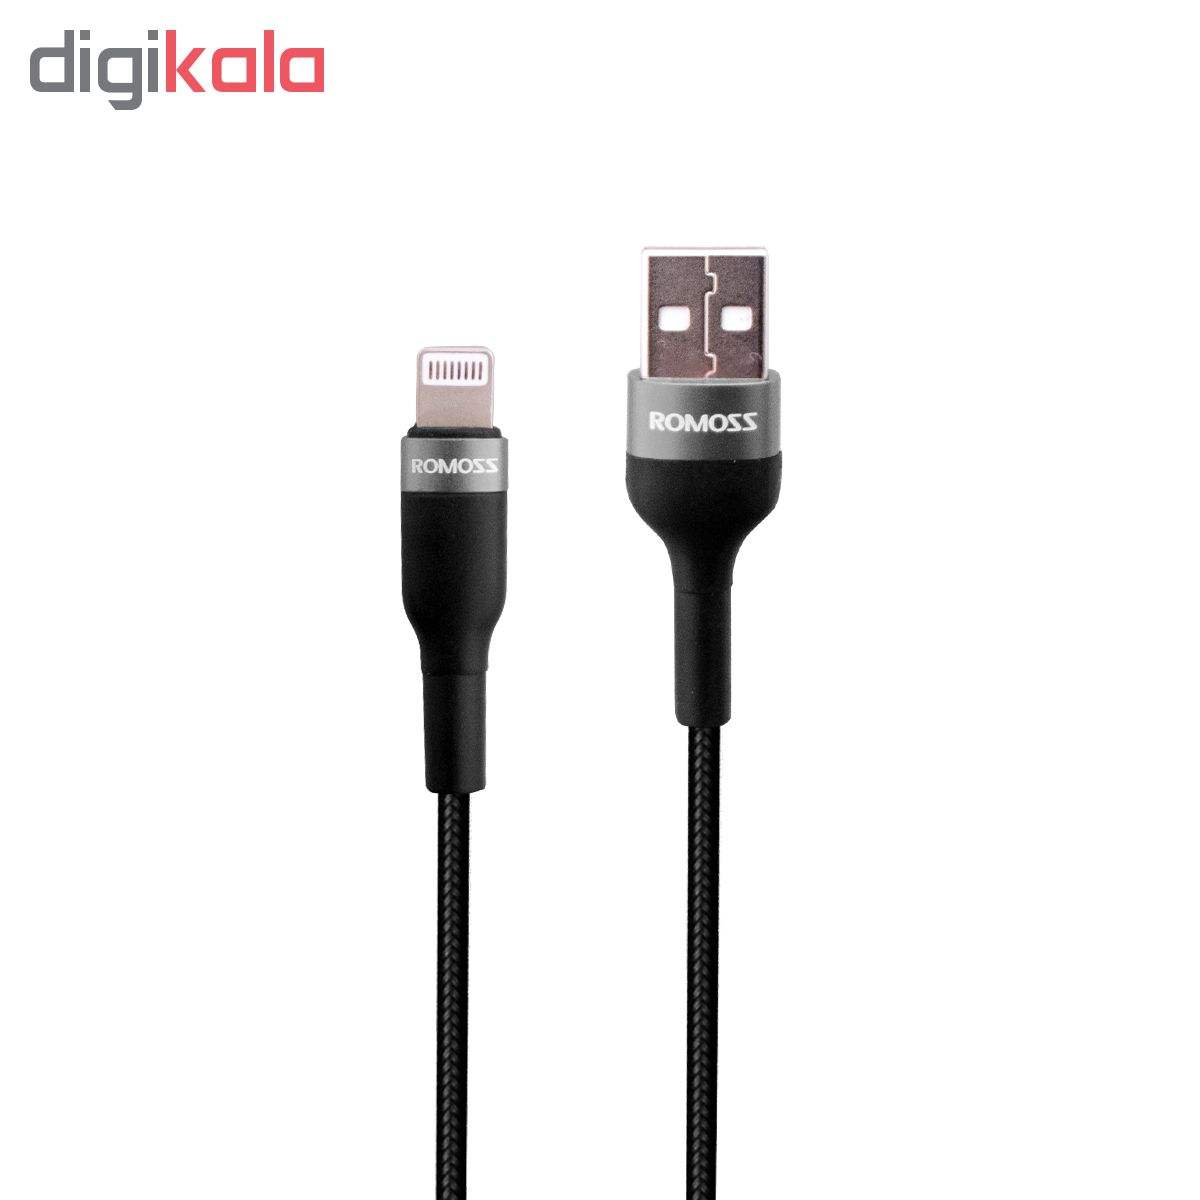 کابل تبدیل USB به لایتنینگ روموس مدل CB12B طول 1 متر main 1 1